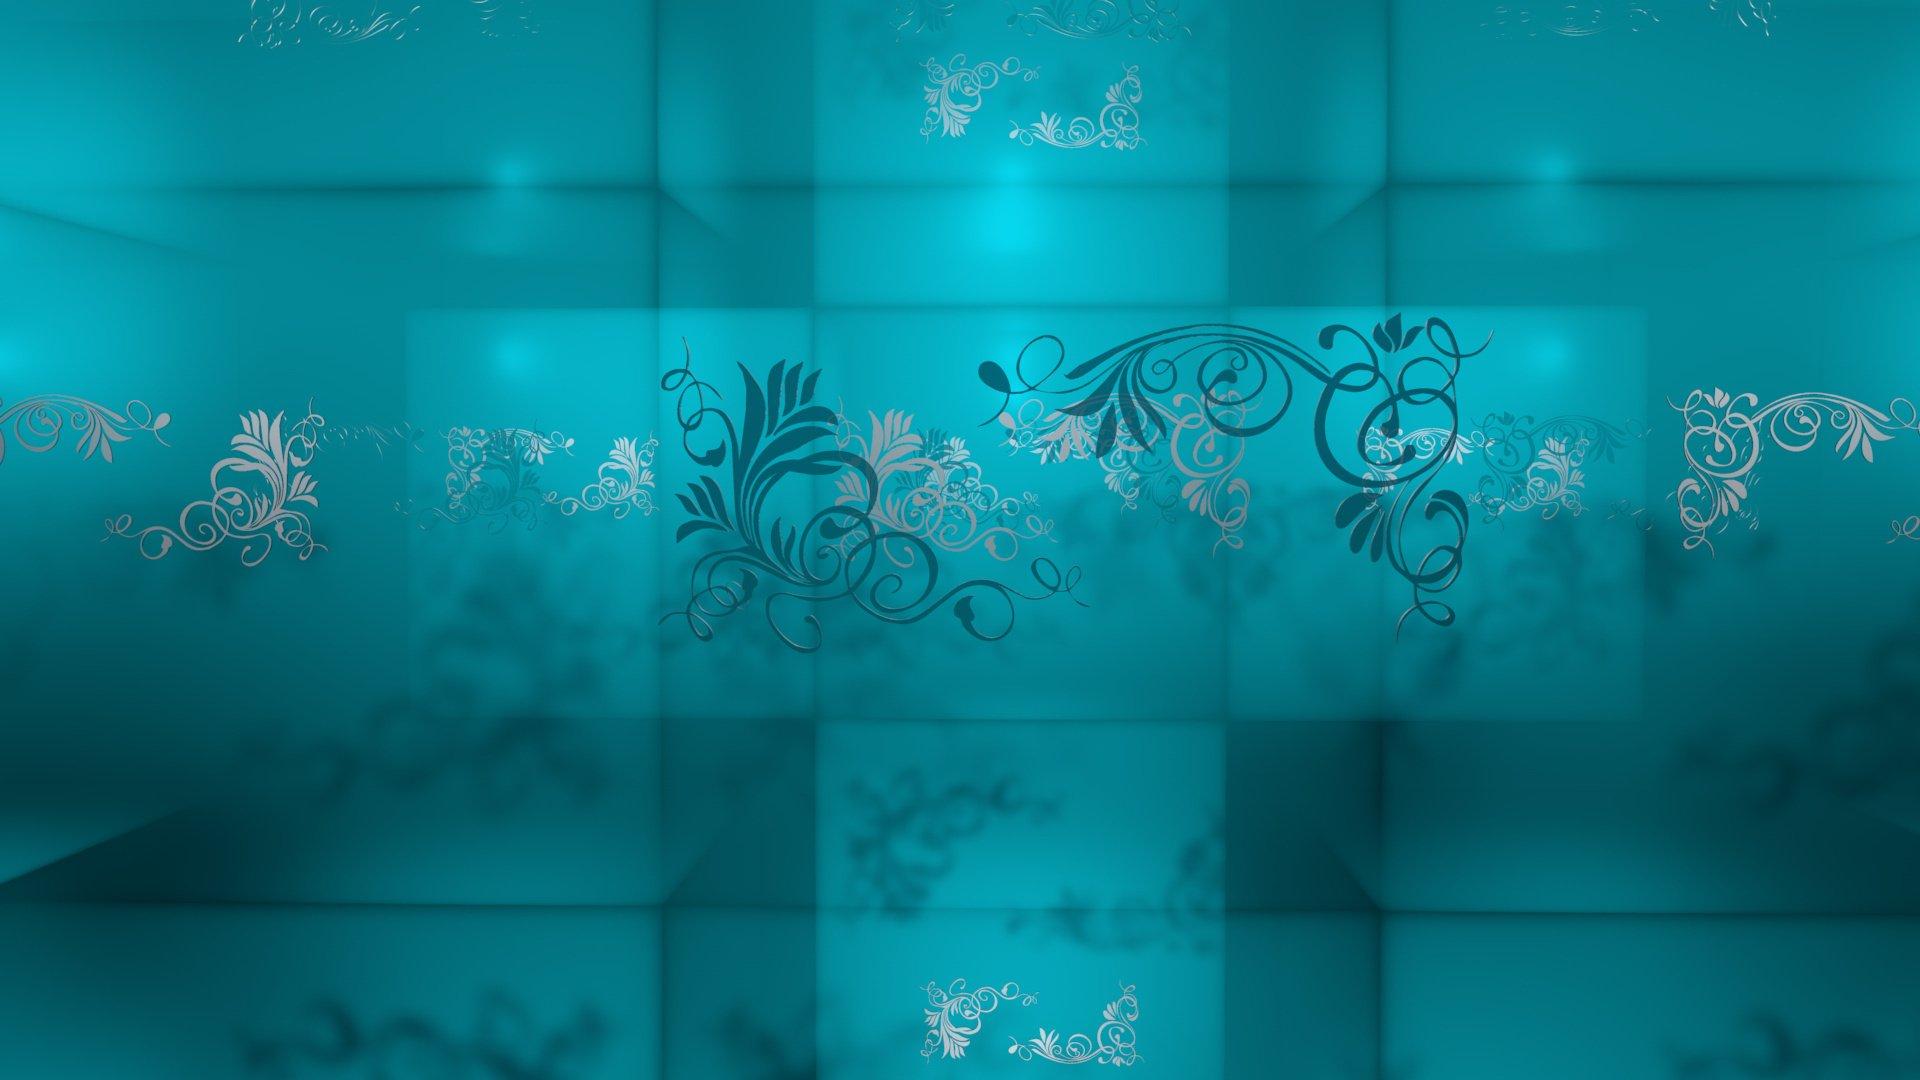 T 252 Rkis Full Hd Wallpaper And Hintergrund 1920x1080 Id